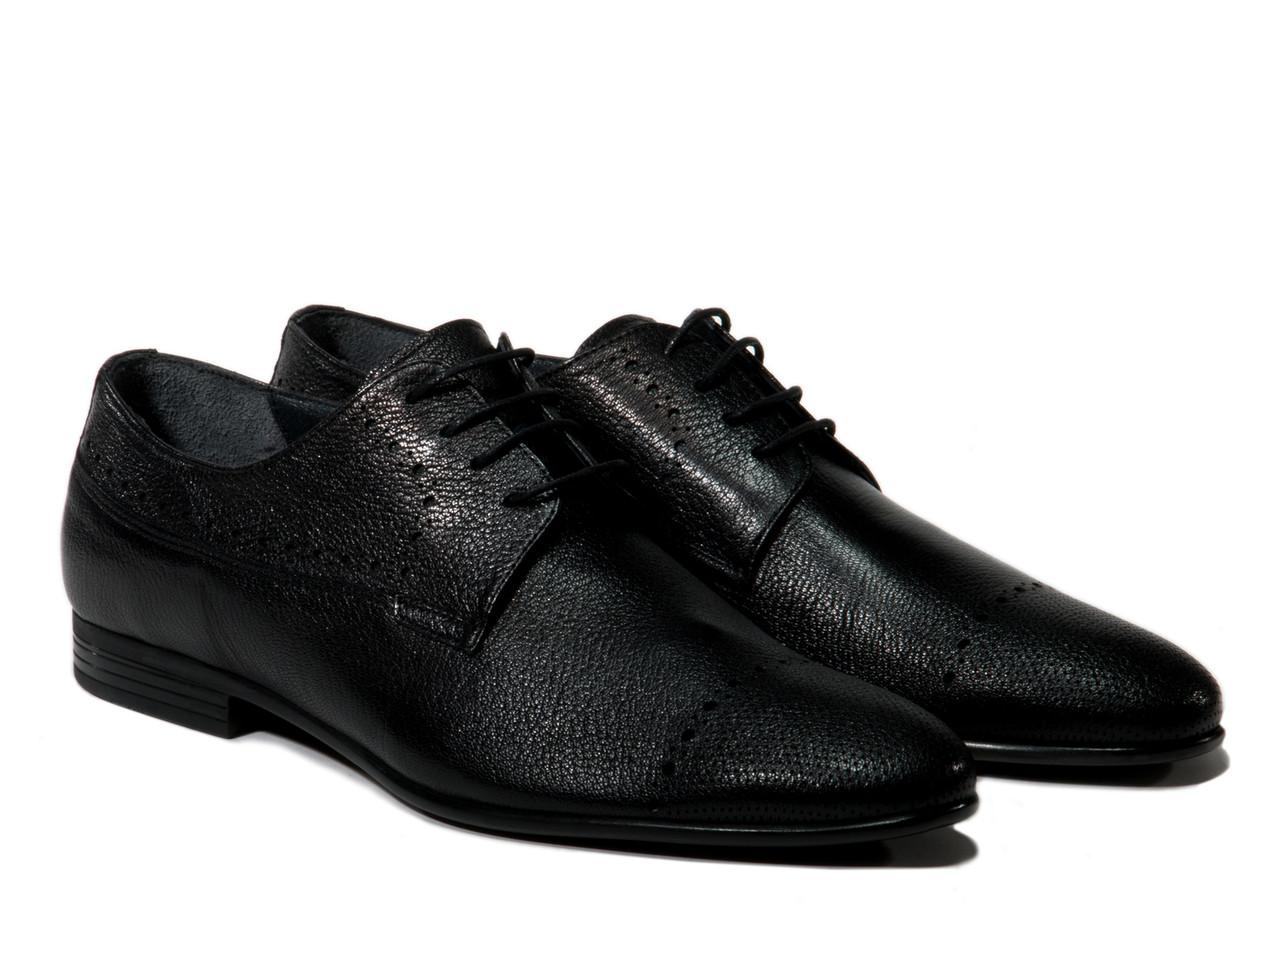 Туфли Etor 12651-1617-1 черные, фото 1